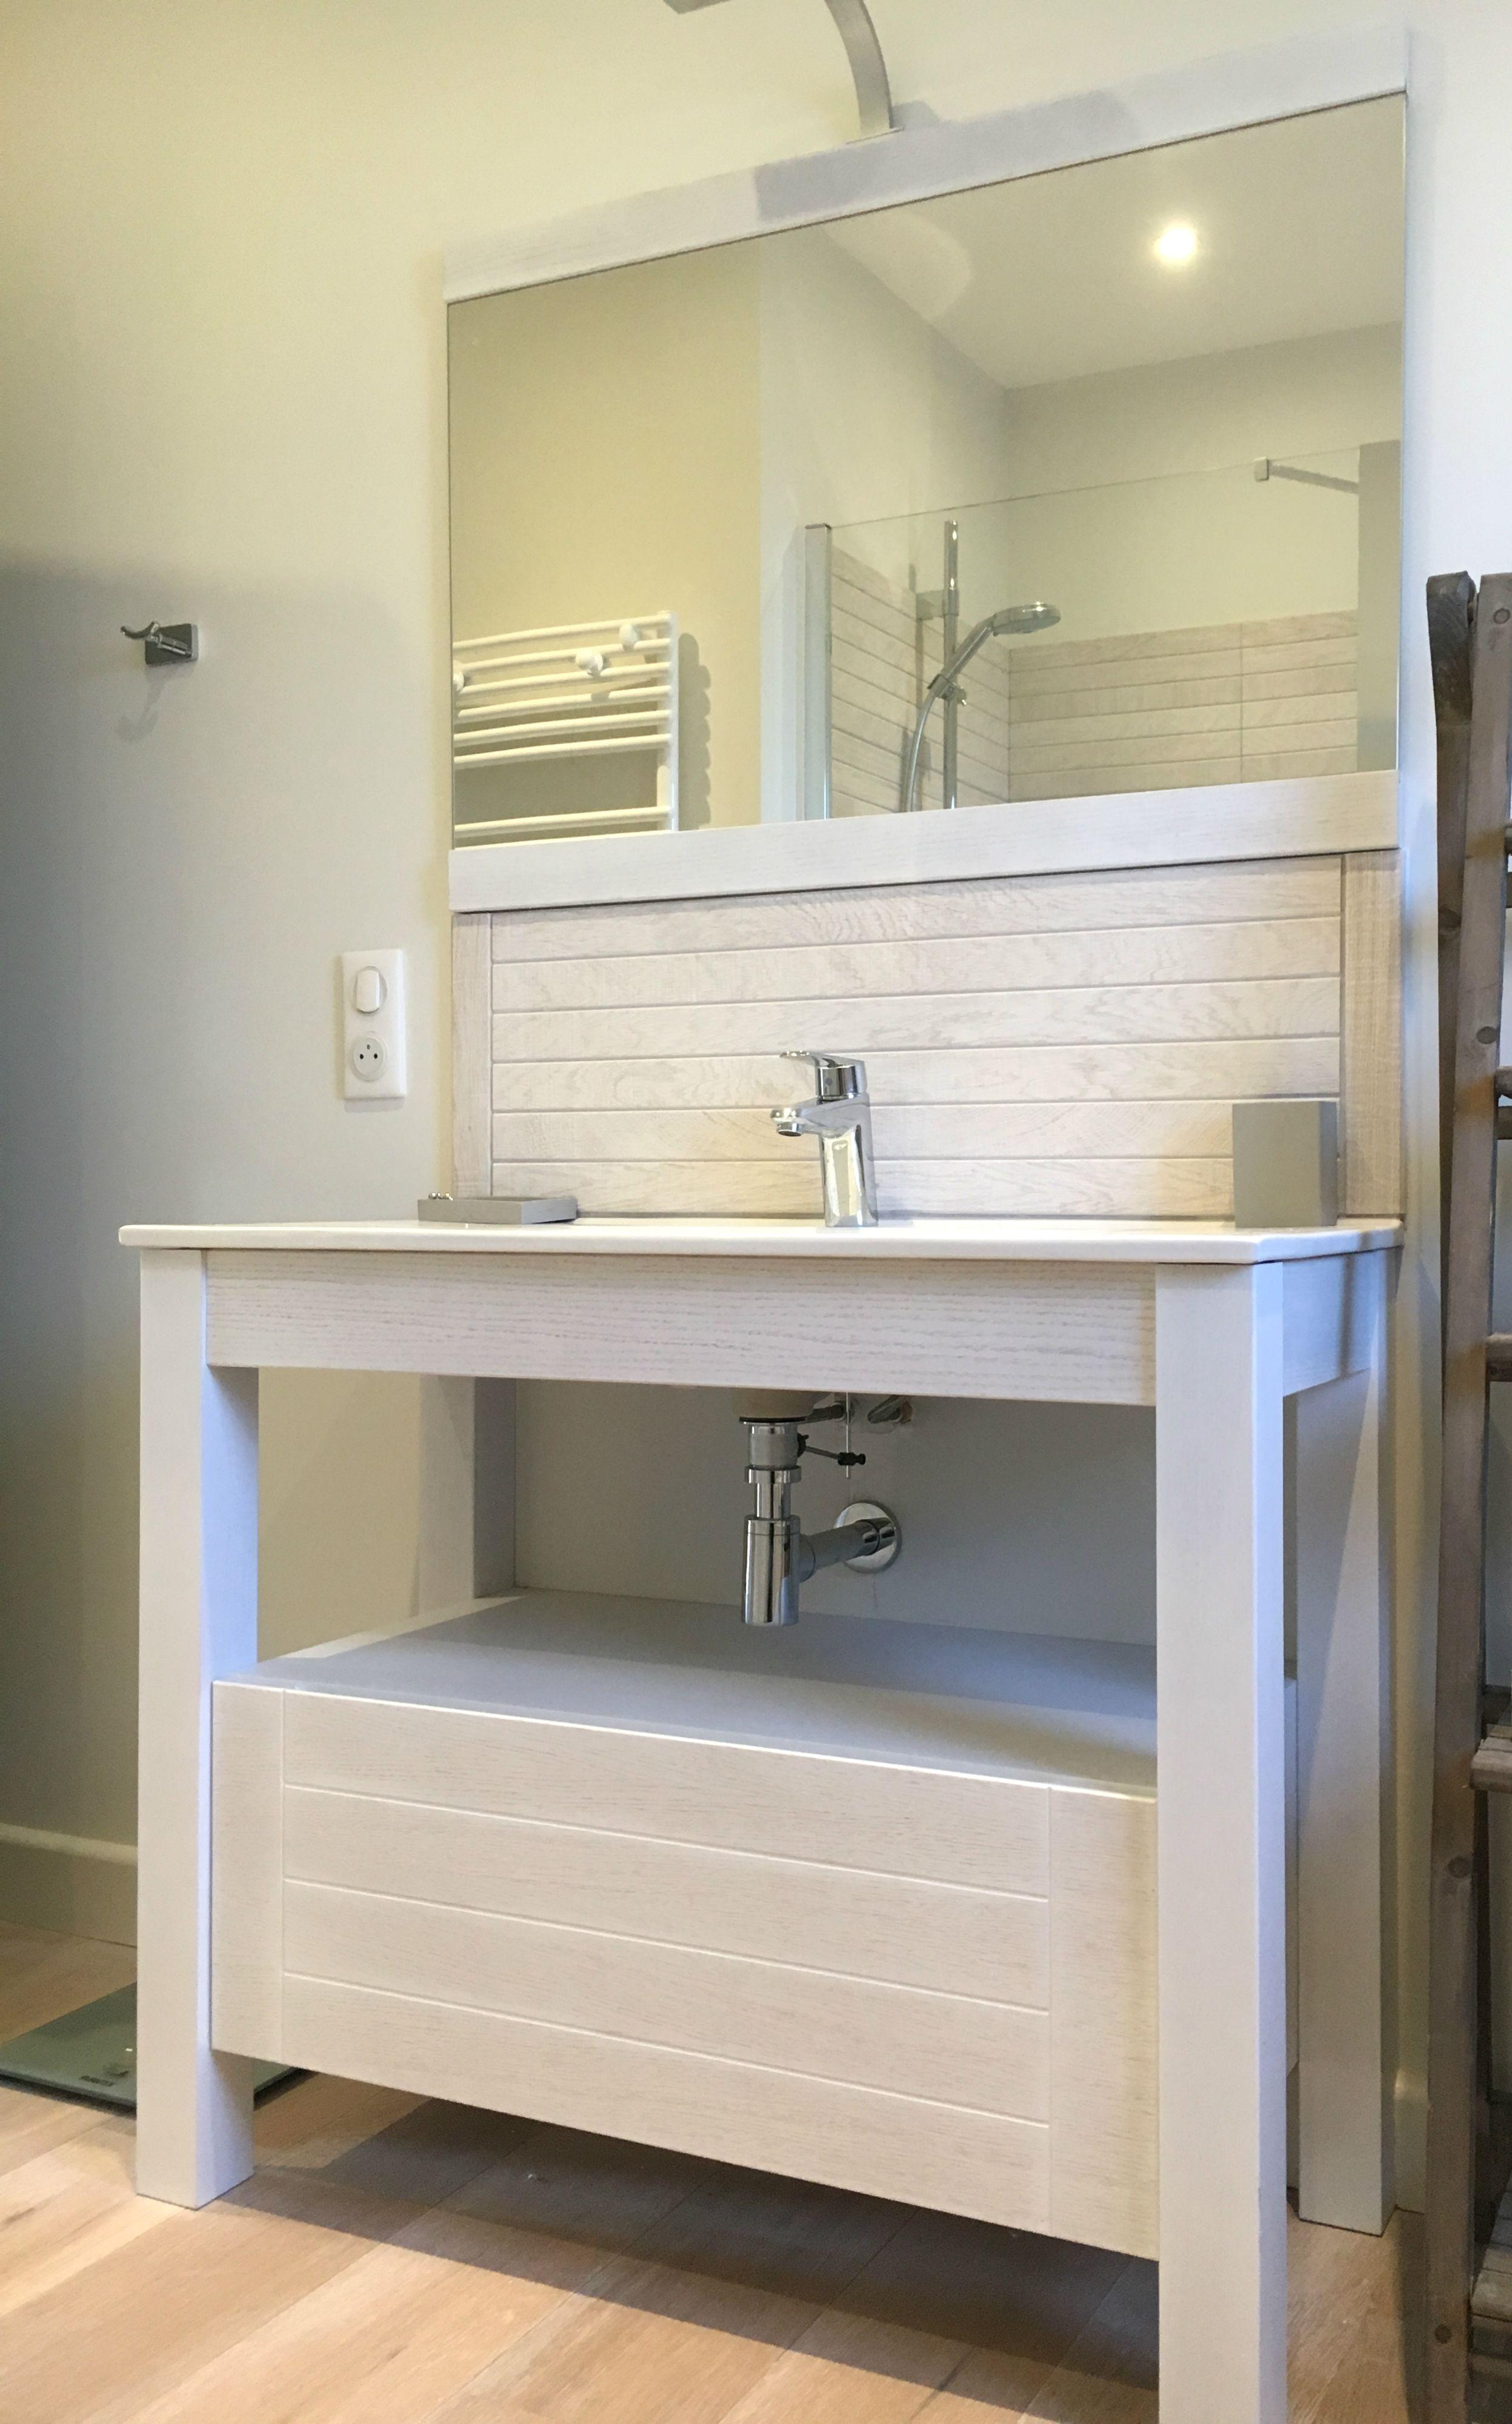 Salle de bain à Concarneau réalisée par ALEXANDRE - LE BERRE